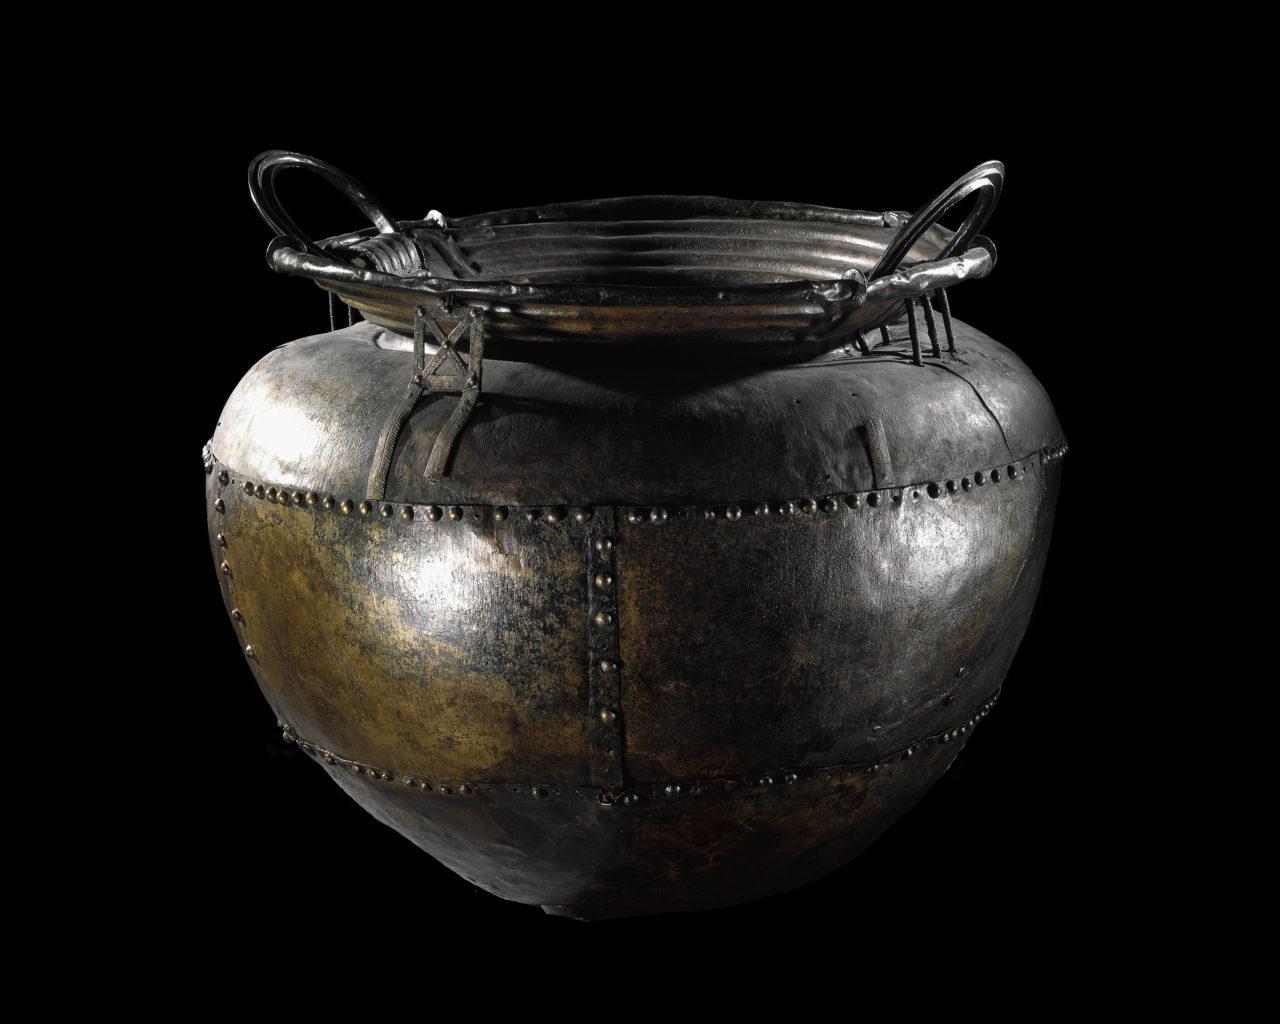 Battersea Cauldron, on loan from Trustees of the British Museum. © Trustees of the British Museum